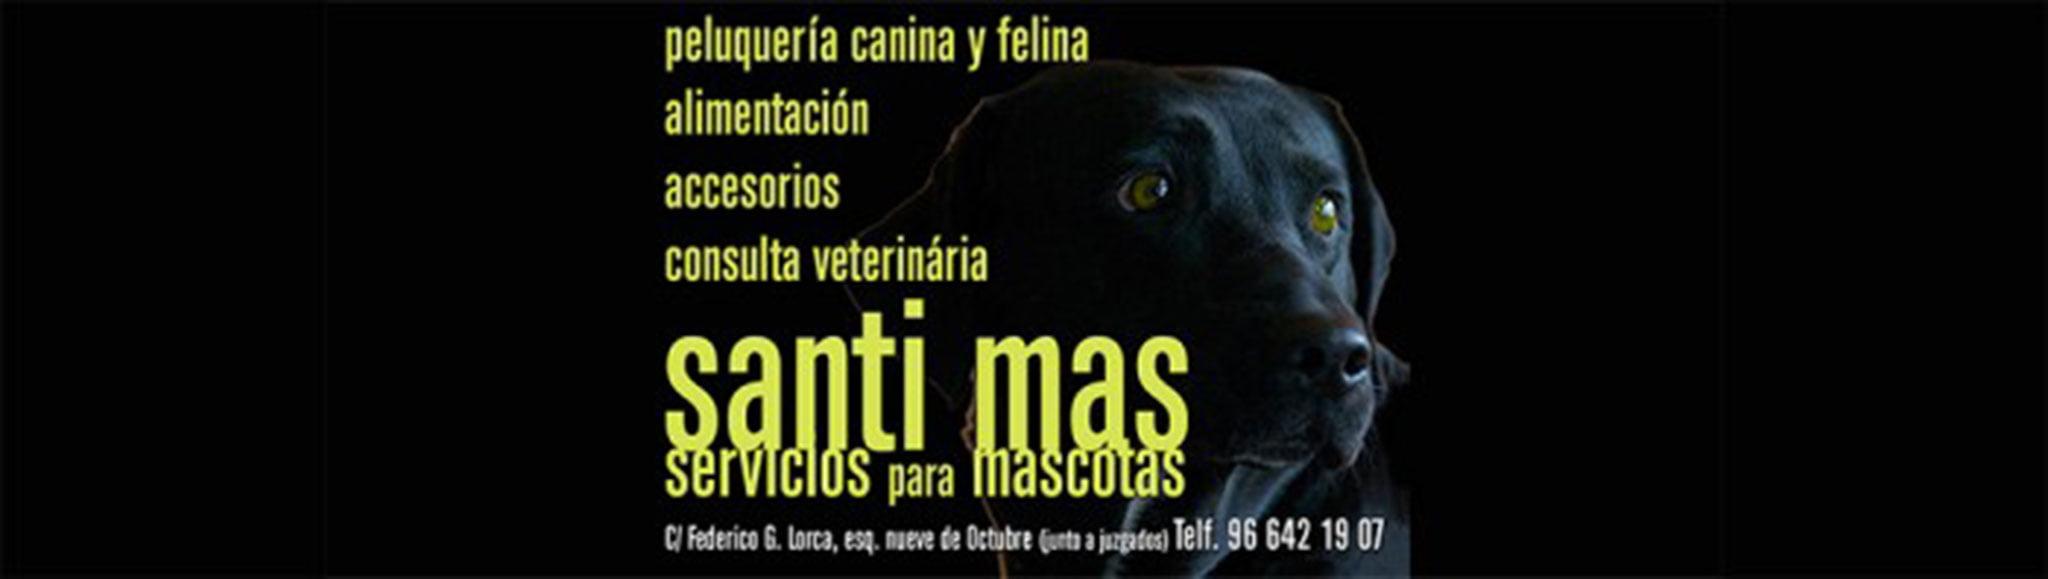 Logotipo de Santi Mas – Servicios para mascotas